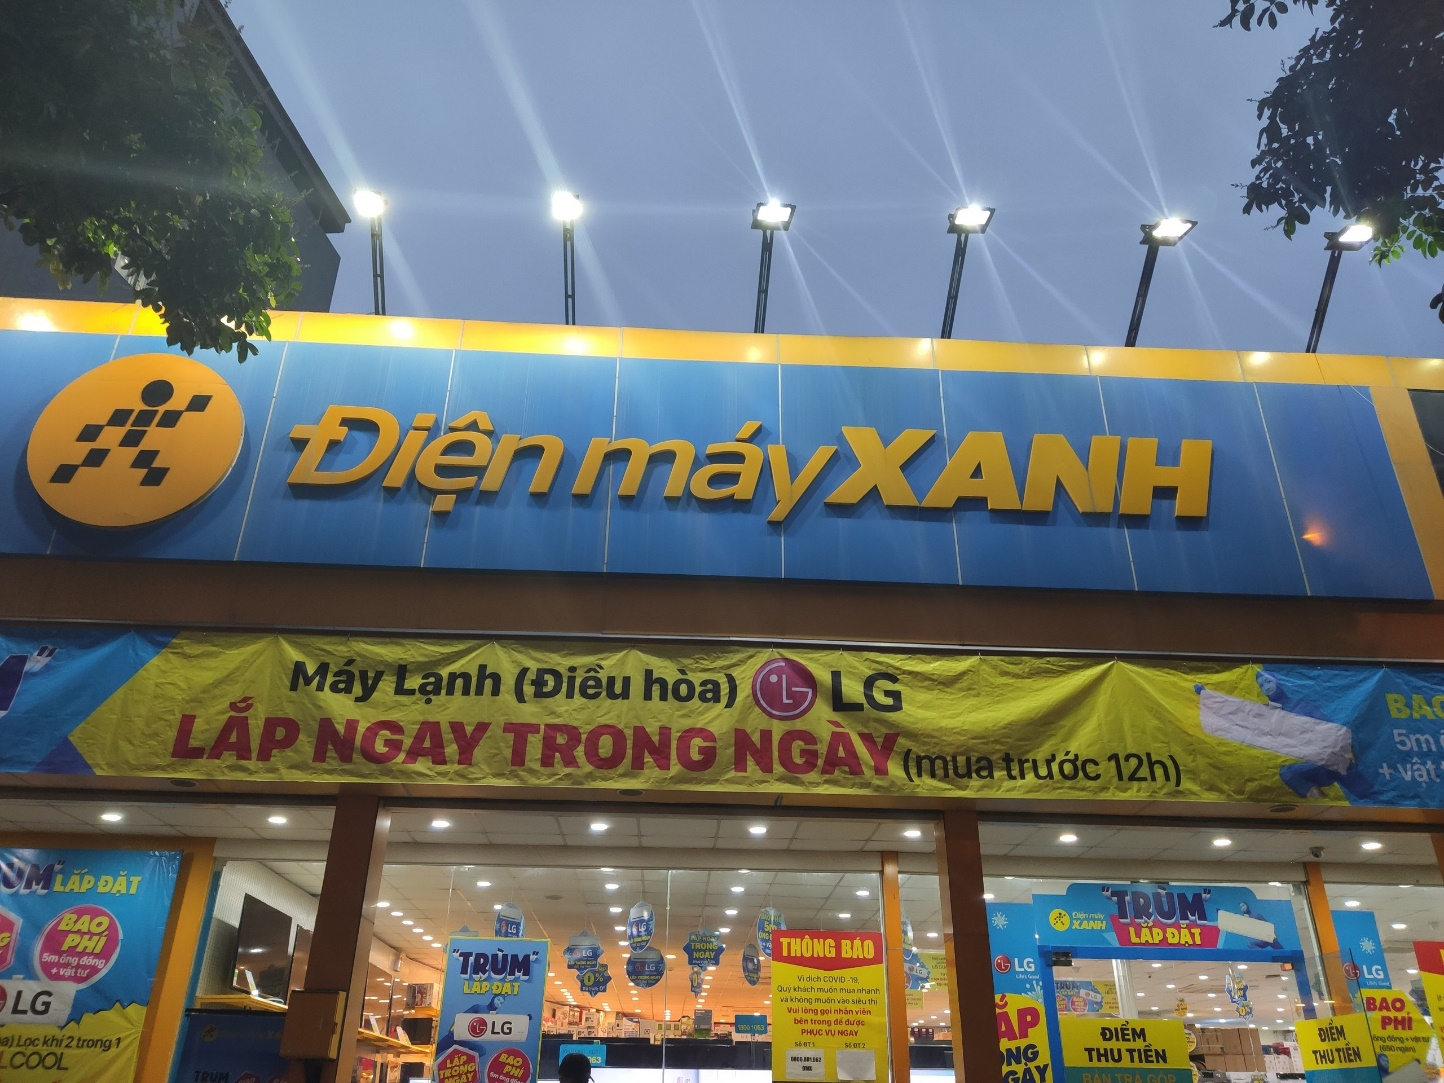 Nhóm Dragon Capital chuyển nhượng cổ phiếu MWG cho hai tổ chức Thái Lan - Ảnh 1.